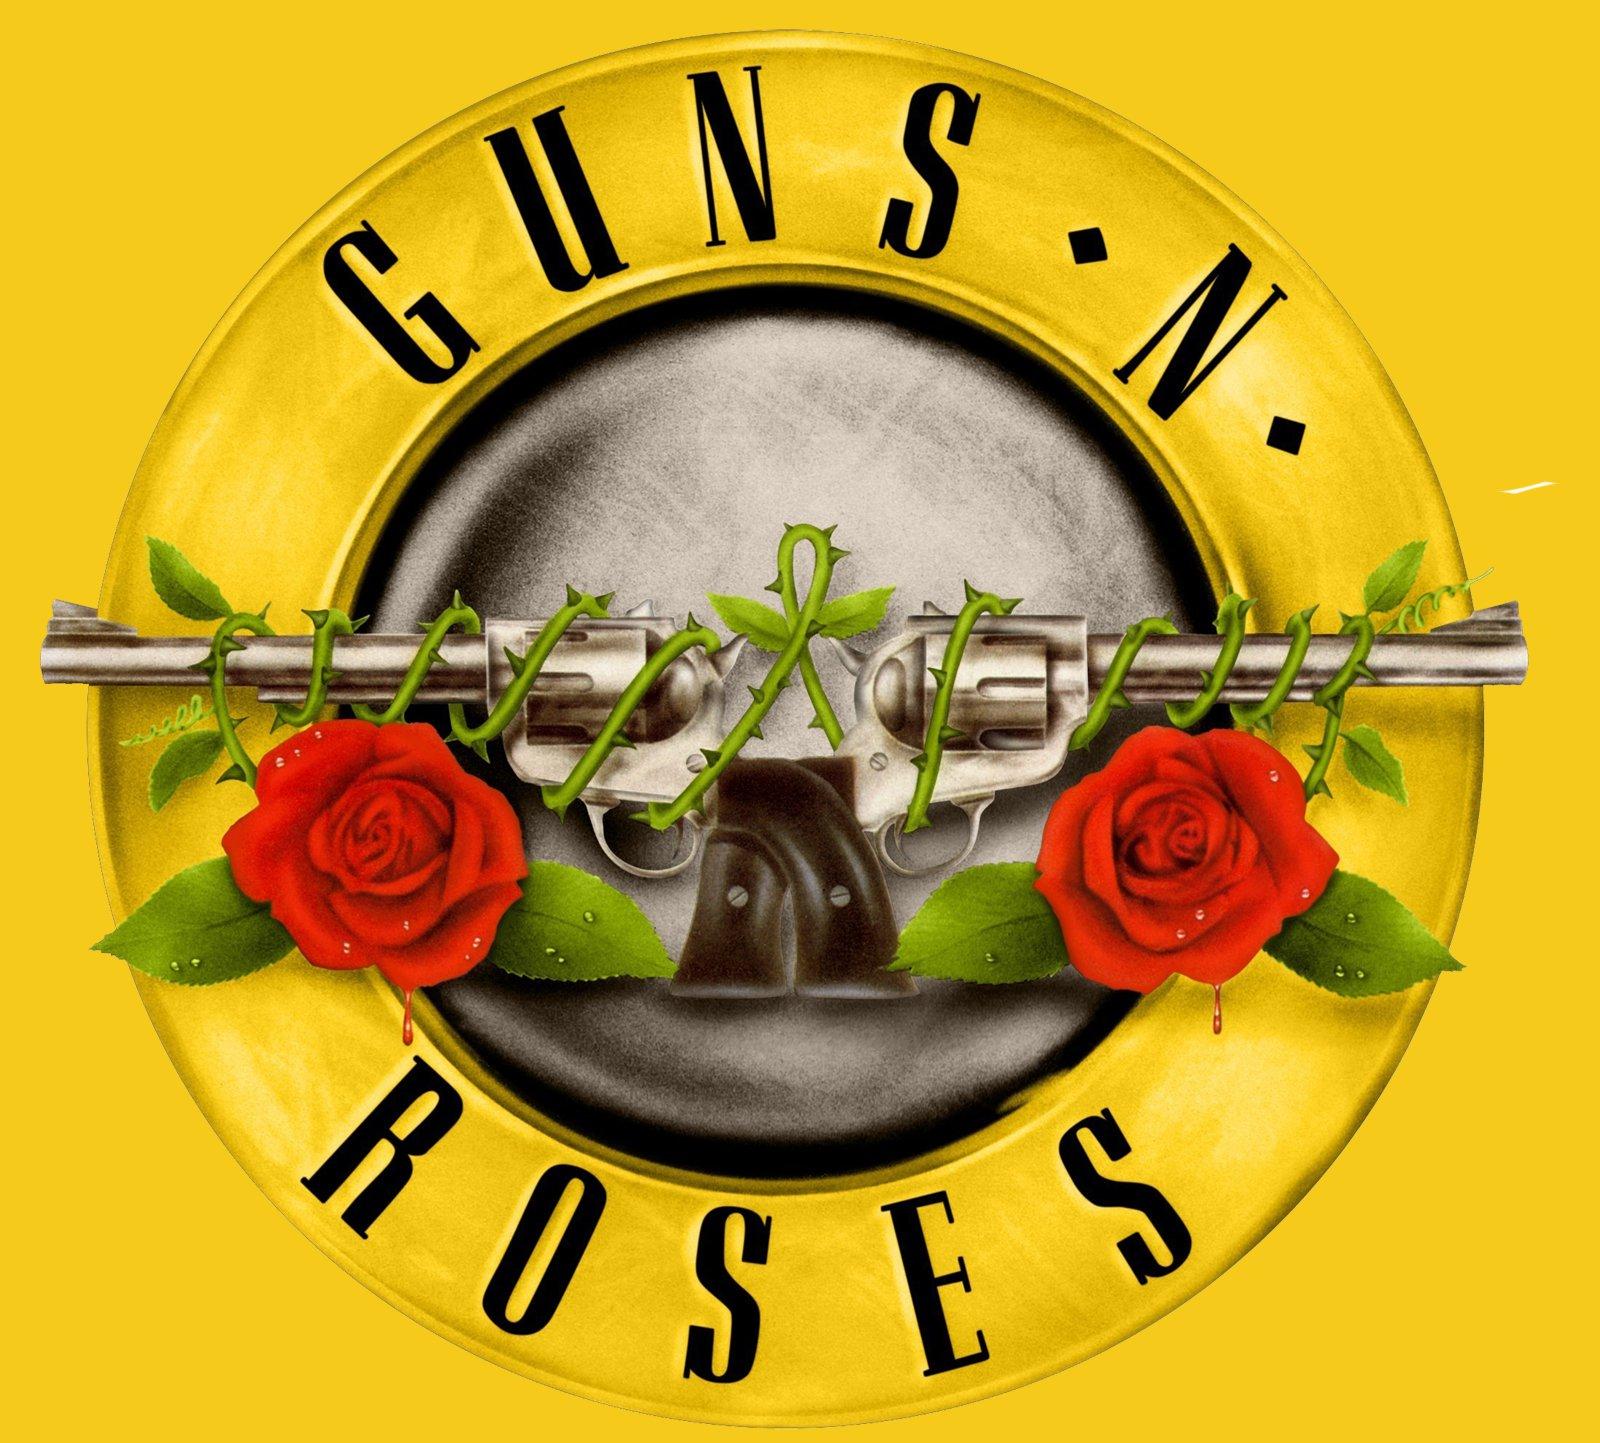 axl rose slash_Guns NRoses Logo, Guns NRoses Symbol Meaning, History and Evolution